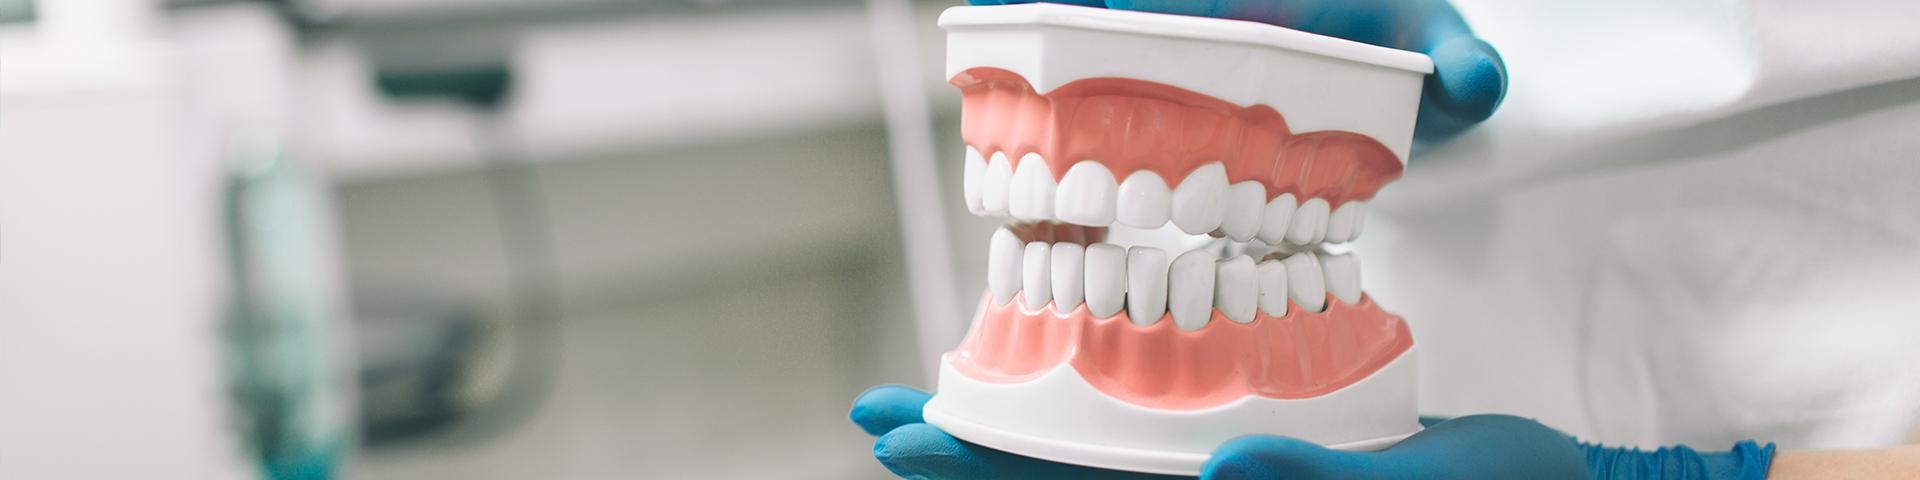 Zahnarzthelferin hält Modell von Gebiss